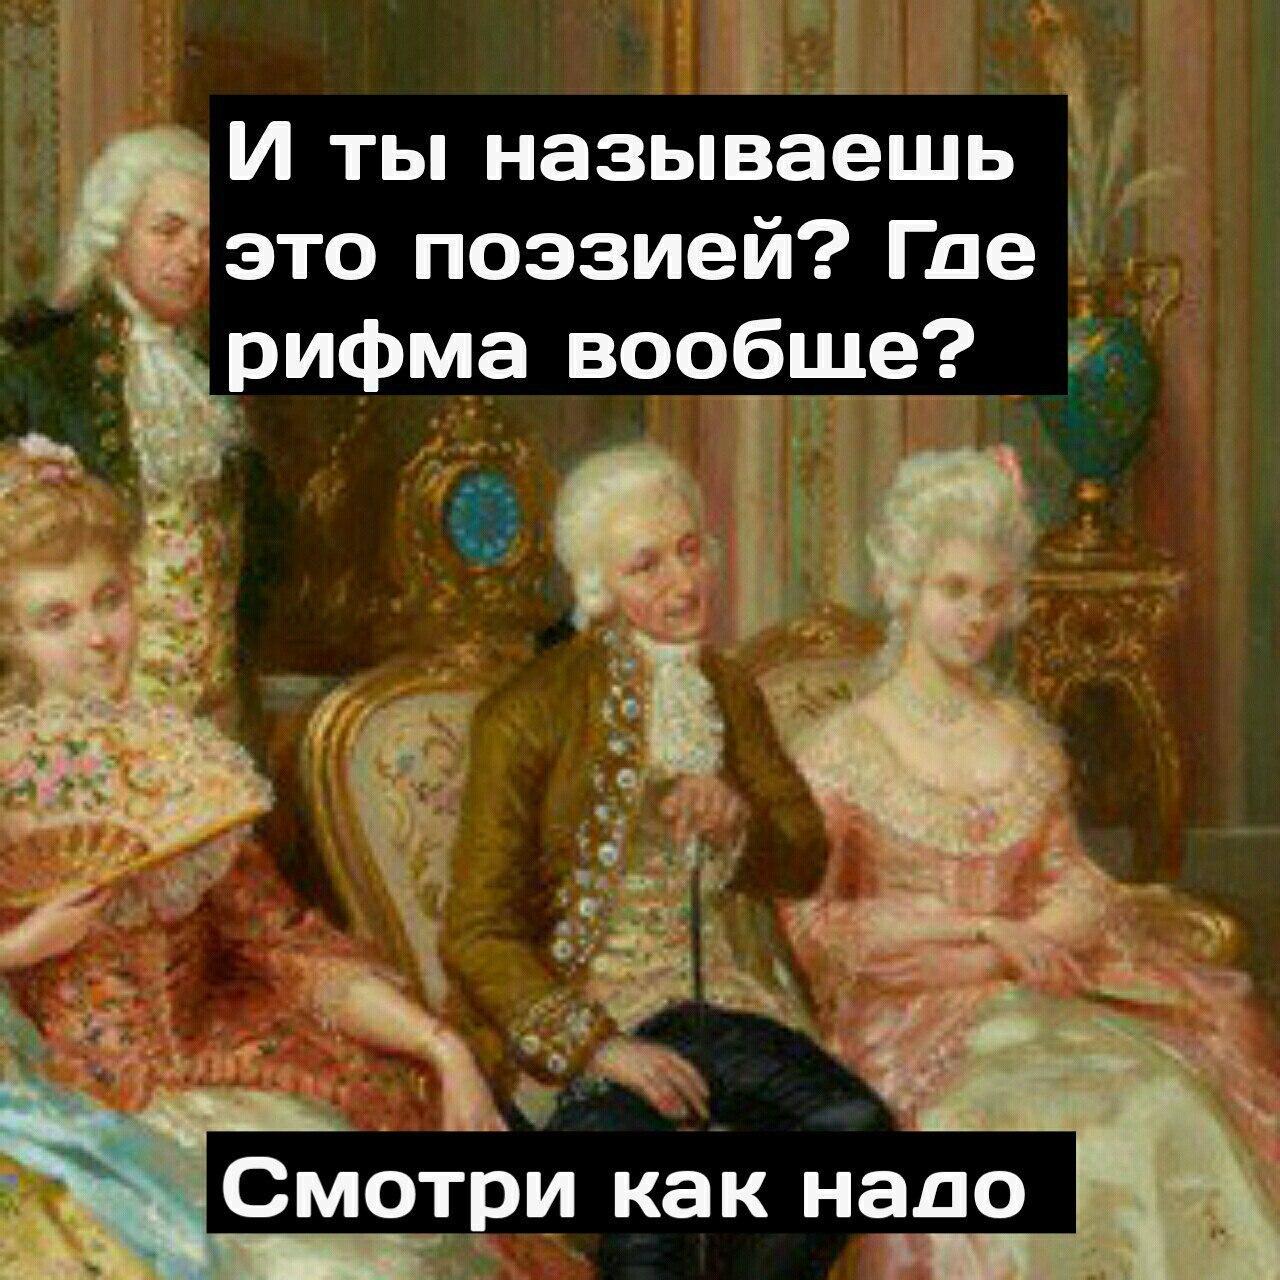 mVUFkYeTc_I.jpg